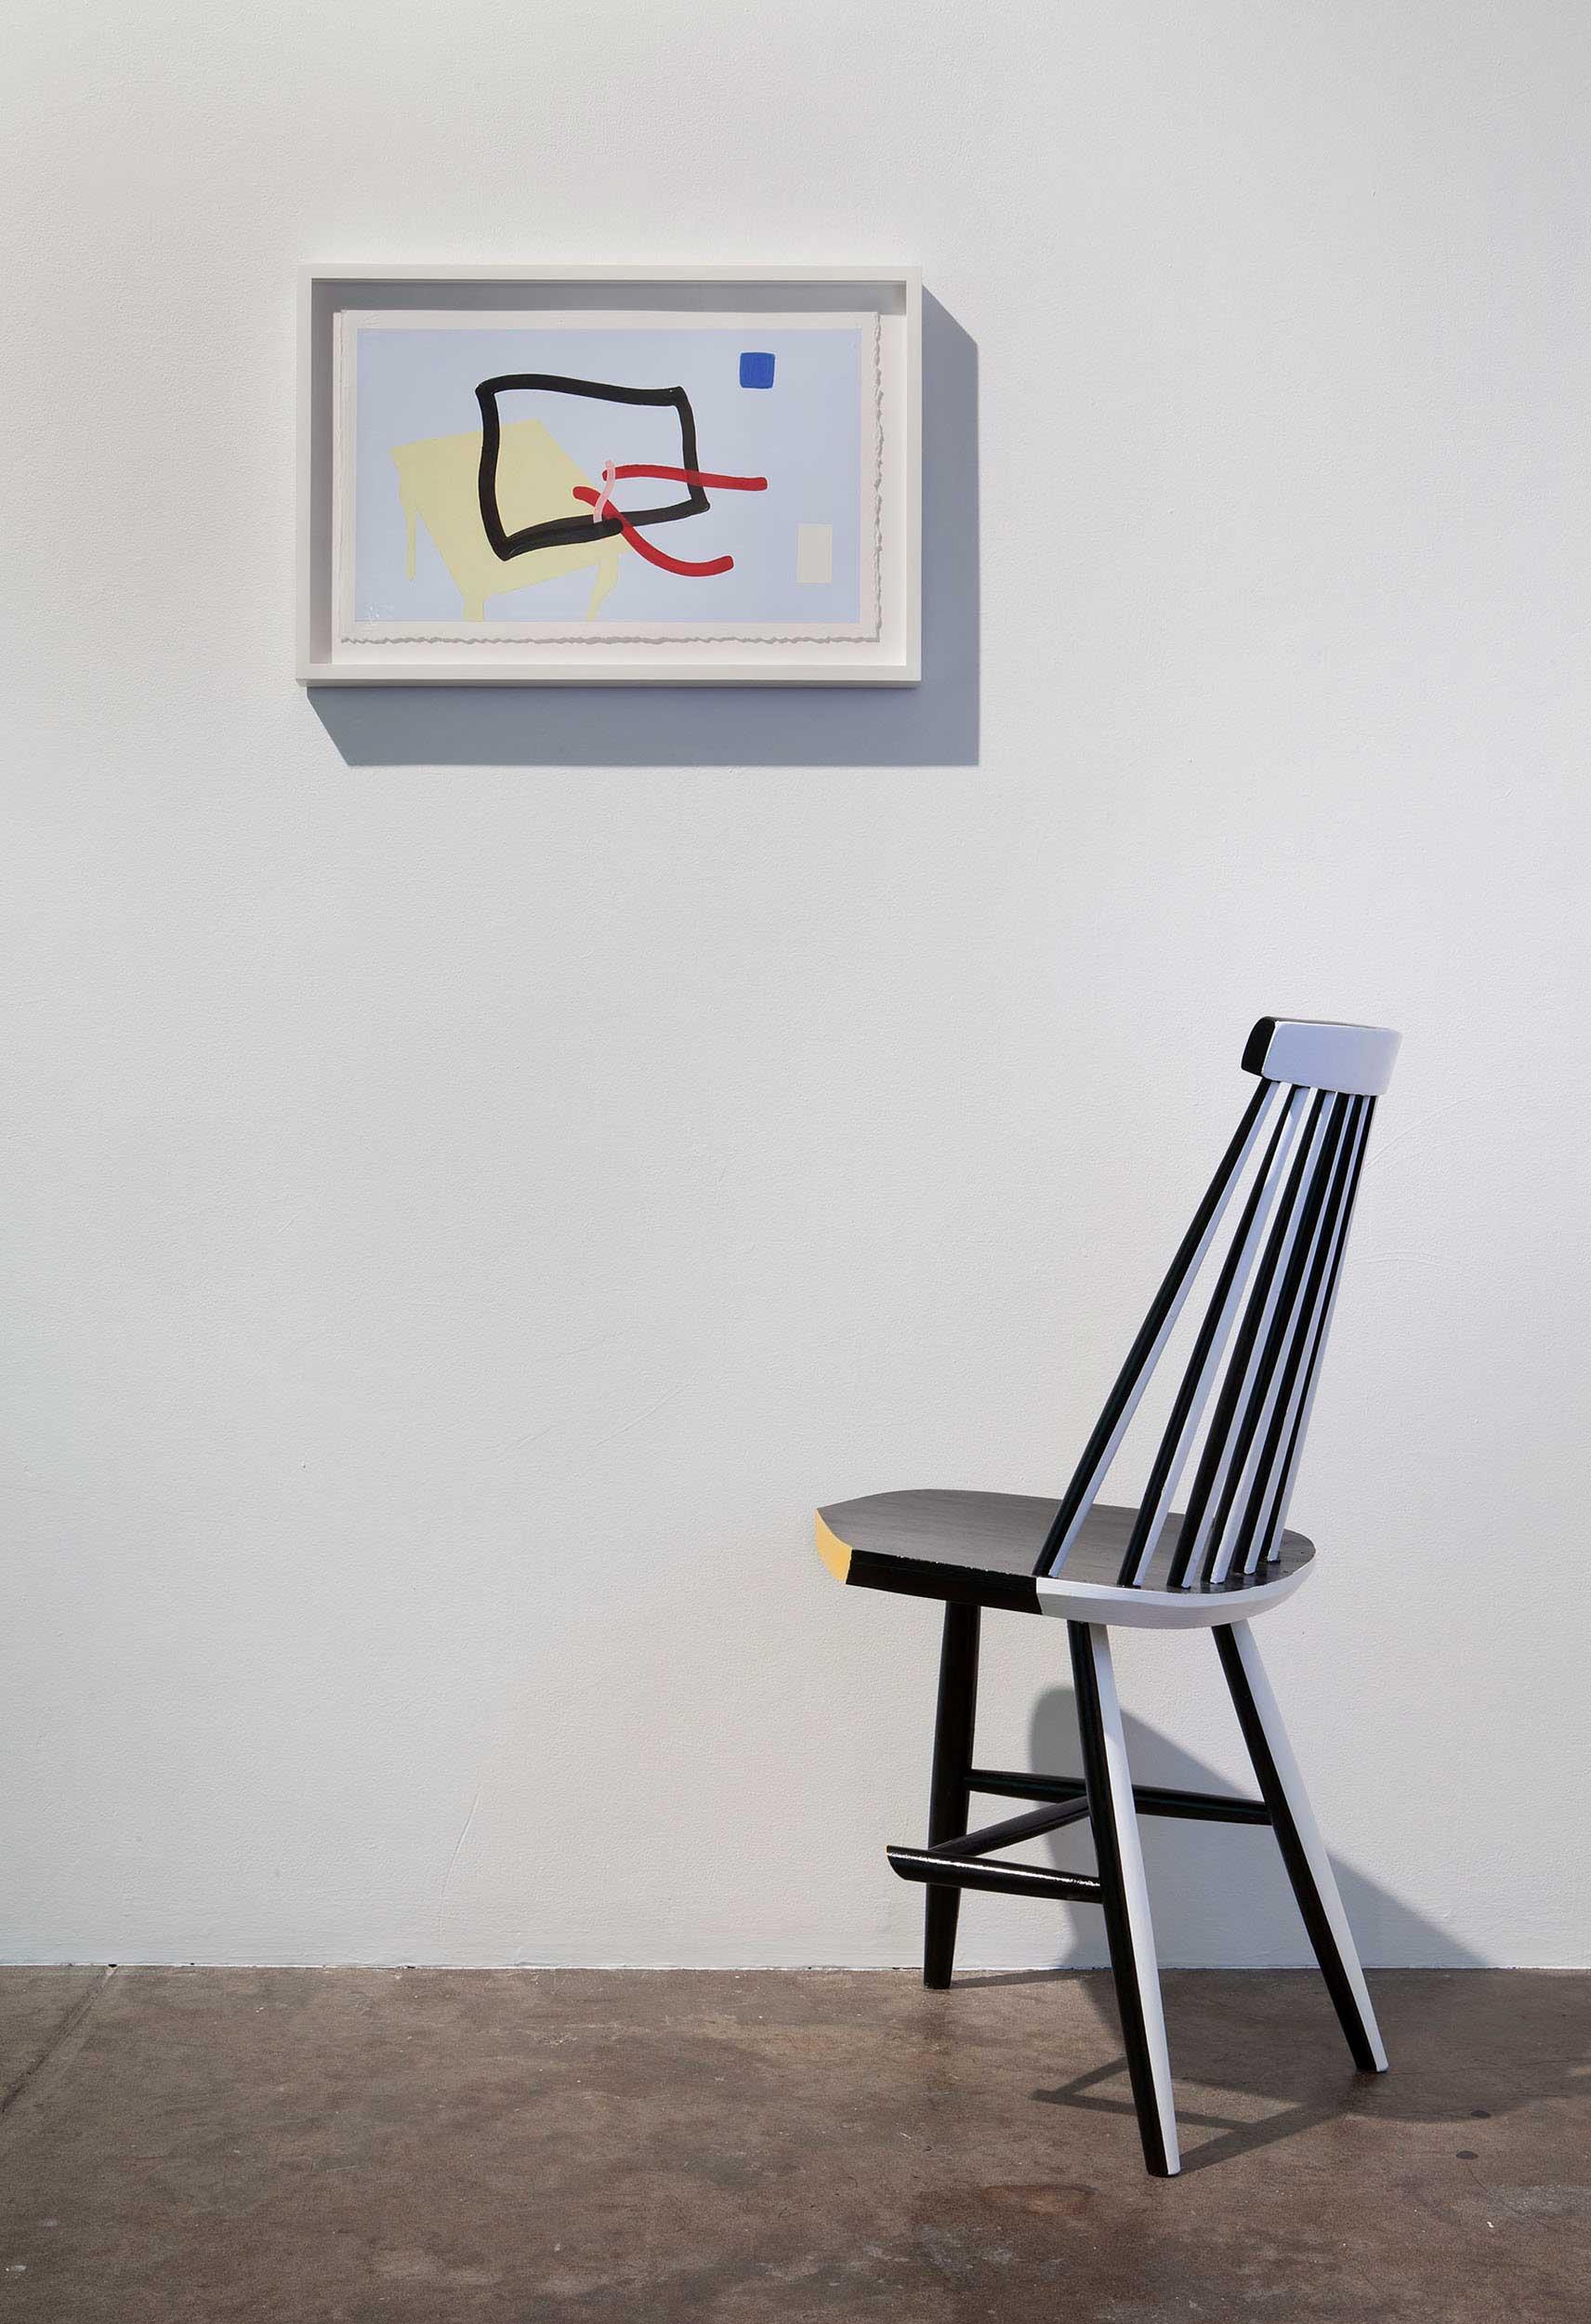 26-chair-pair1.jpg